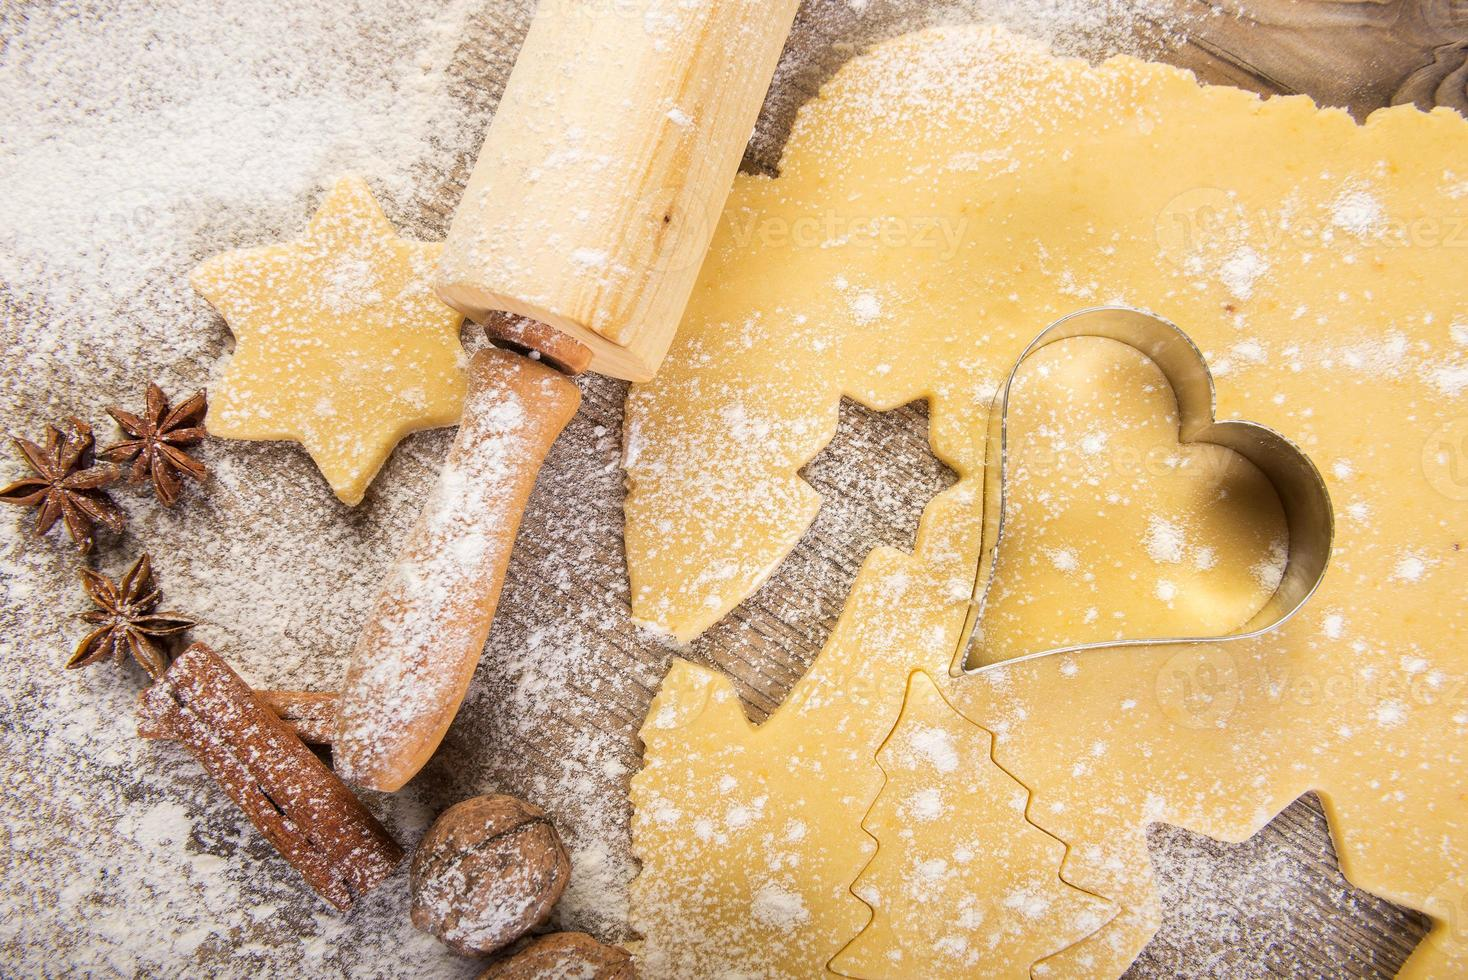 hornear navidad, galletas, rodillo, especias foto